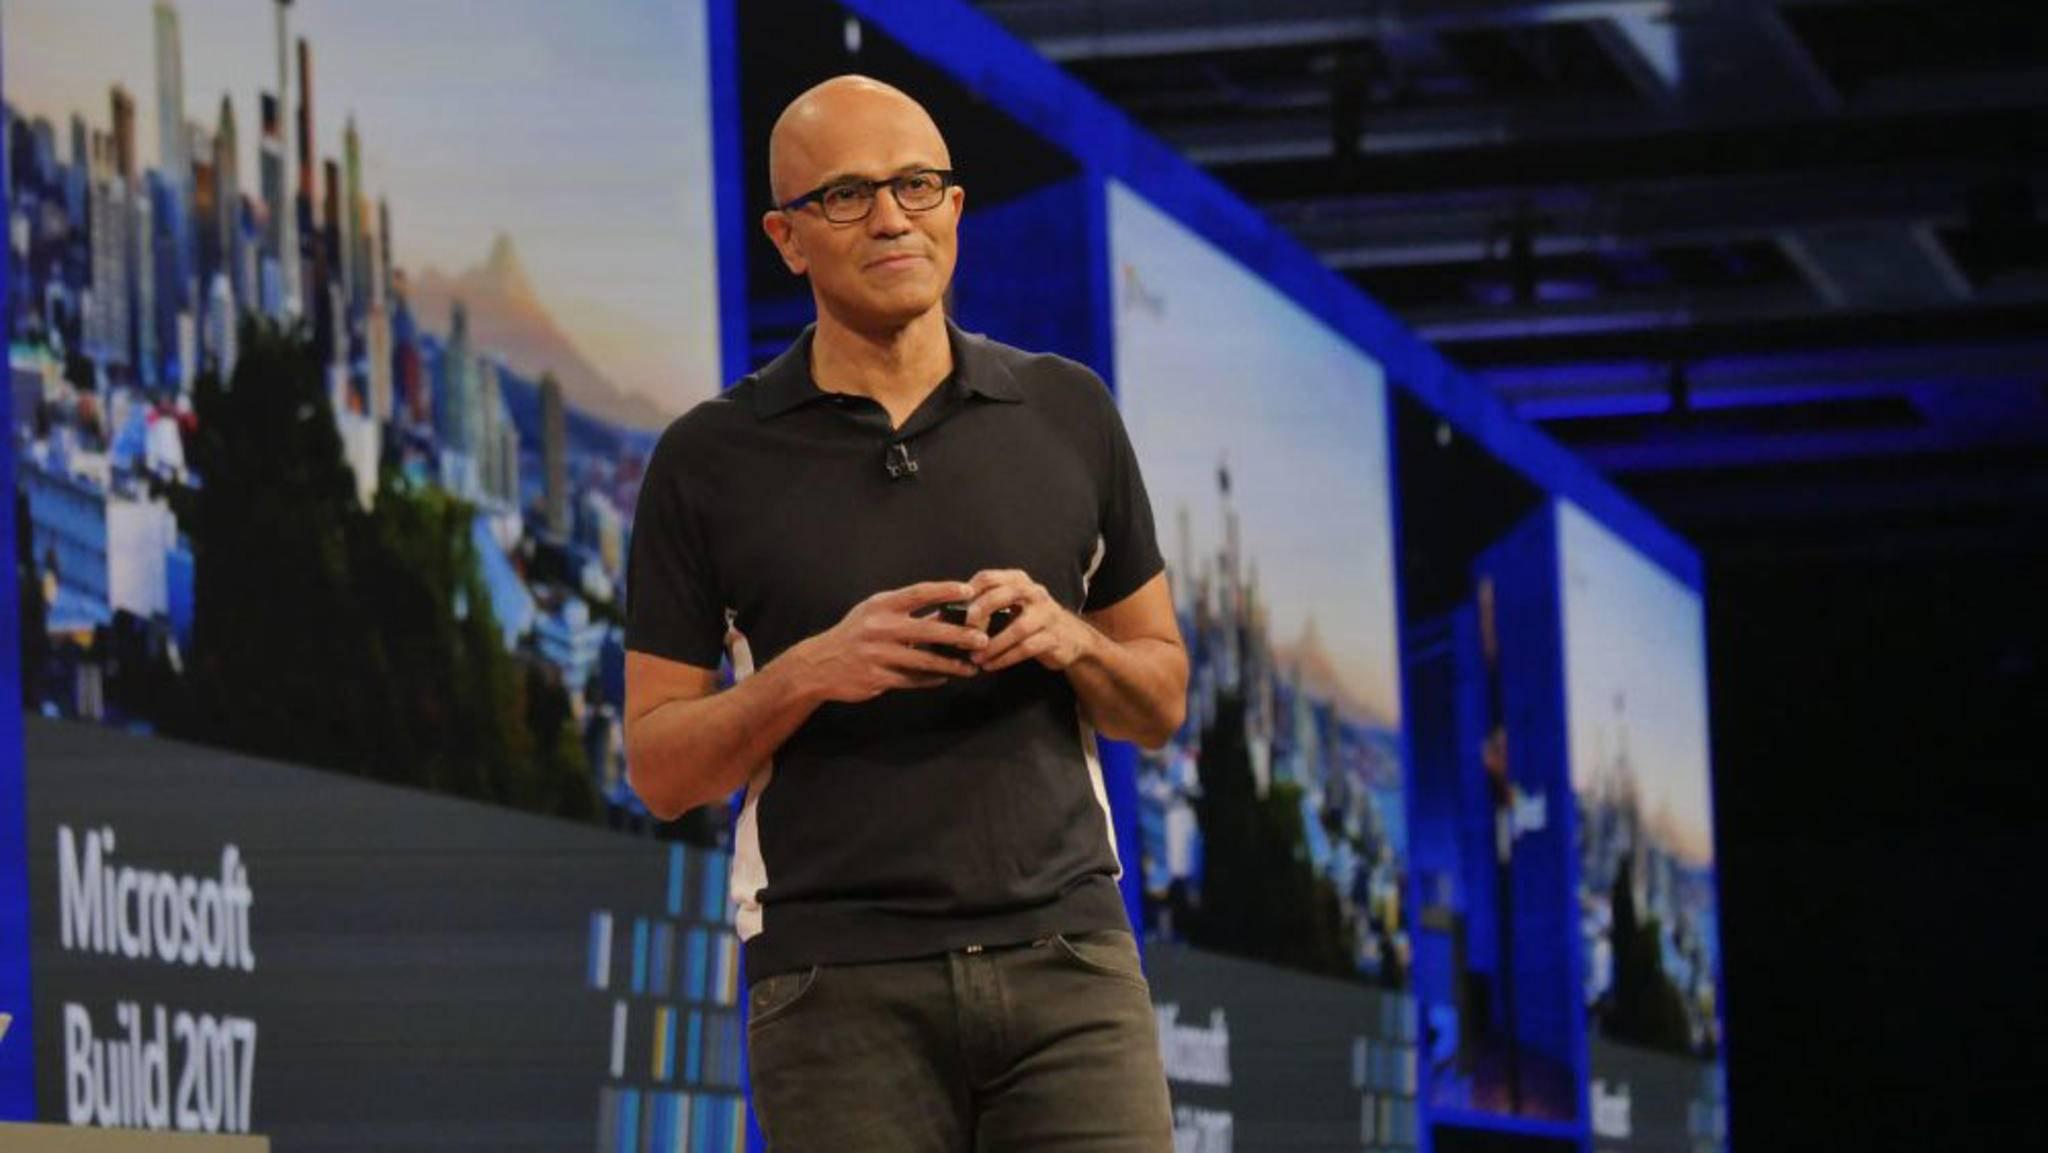 Microsoft-Chef Satya Nadella verkündete in seiner Eröffnungsrede Erfolgszahlen für Windows 10.